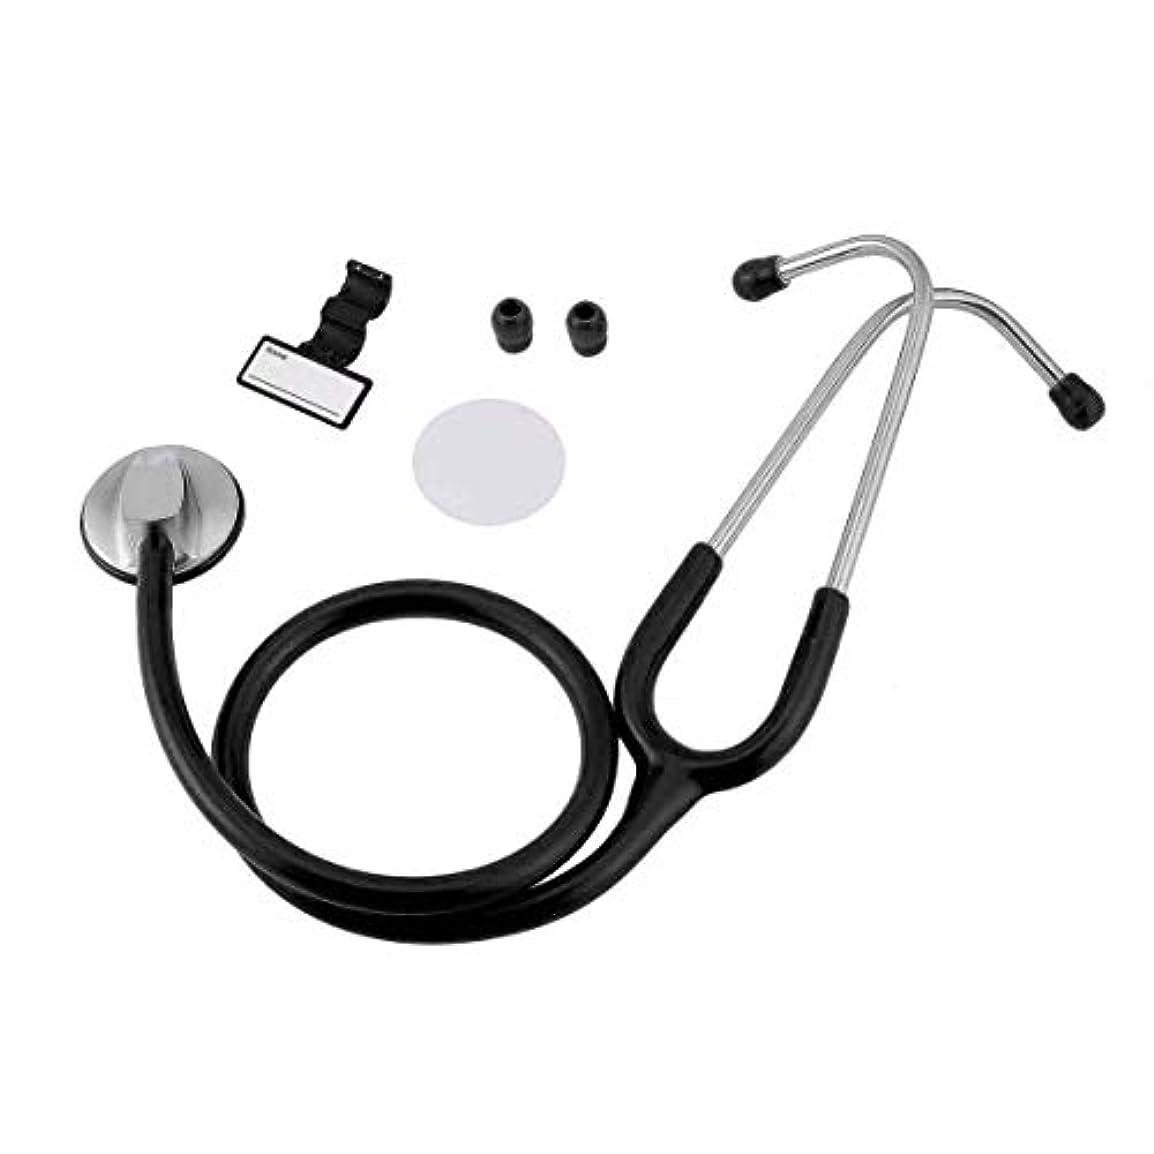 ヶ月目引き出し動かすintercorey聴診器ポータブルフラットヘッド聴診器医療聴診器用具救助妊娠赤ちゃん聴診器医師医療ヘルスケア